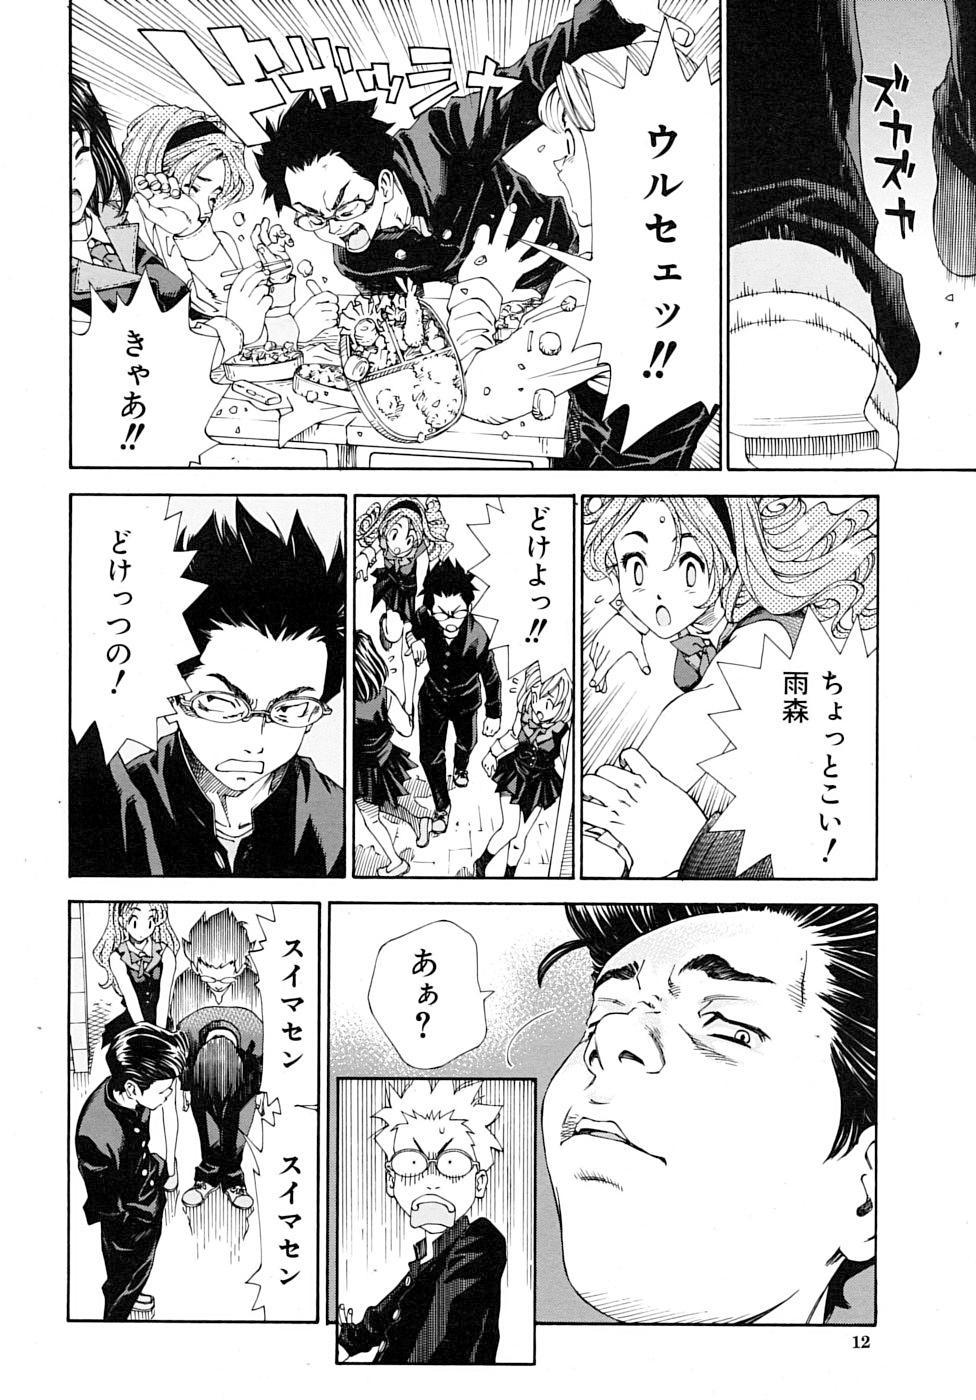 Amamori no Yari 7